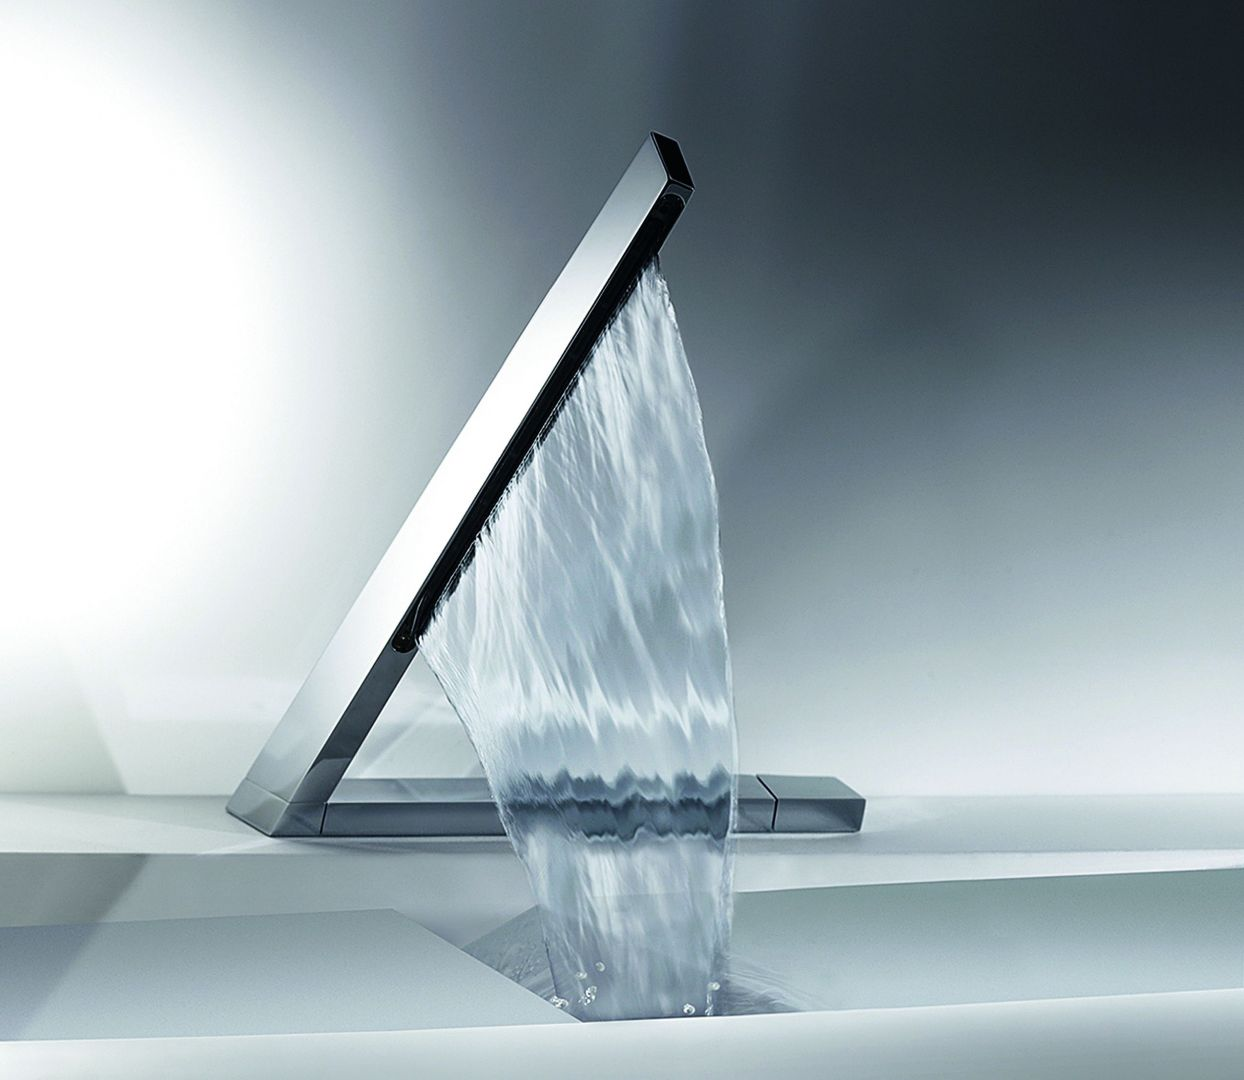 Kurtyna wodna tylko sprawia wrażenie obfitej. W rzeczywistości z Hansalatrava marki Hansa wypływa do 40% mniej wody niż z tradycyjnej baterii. Sterowanie za pomocą panelu dotykowego z diodami, pokazującymi temperaturę wody. Fot. Hansa